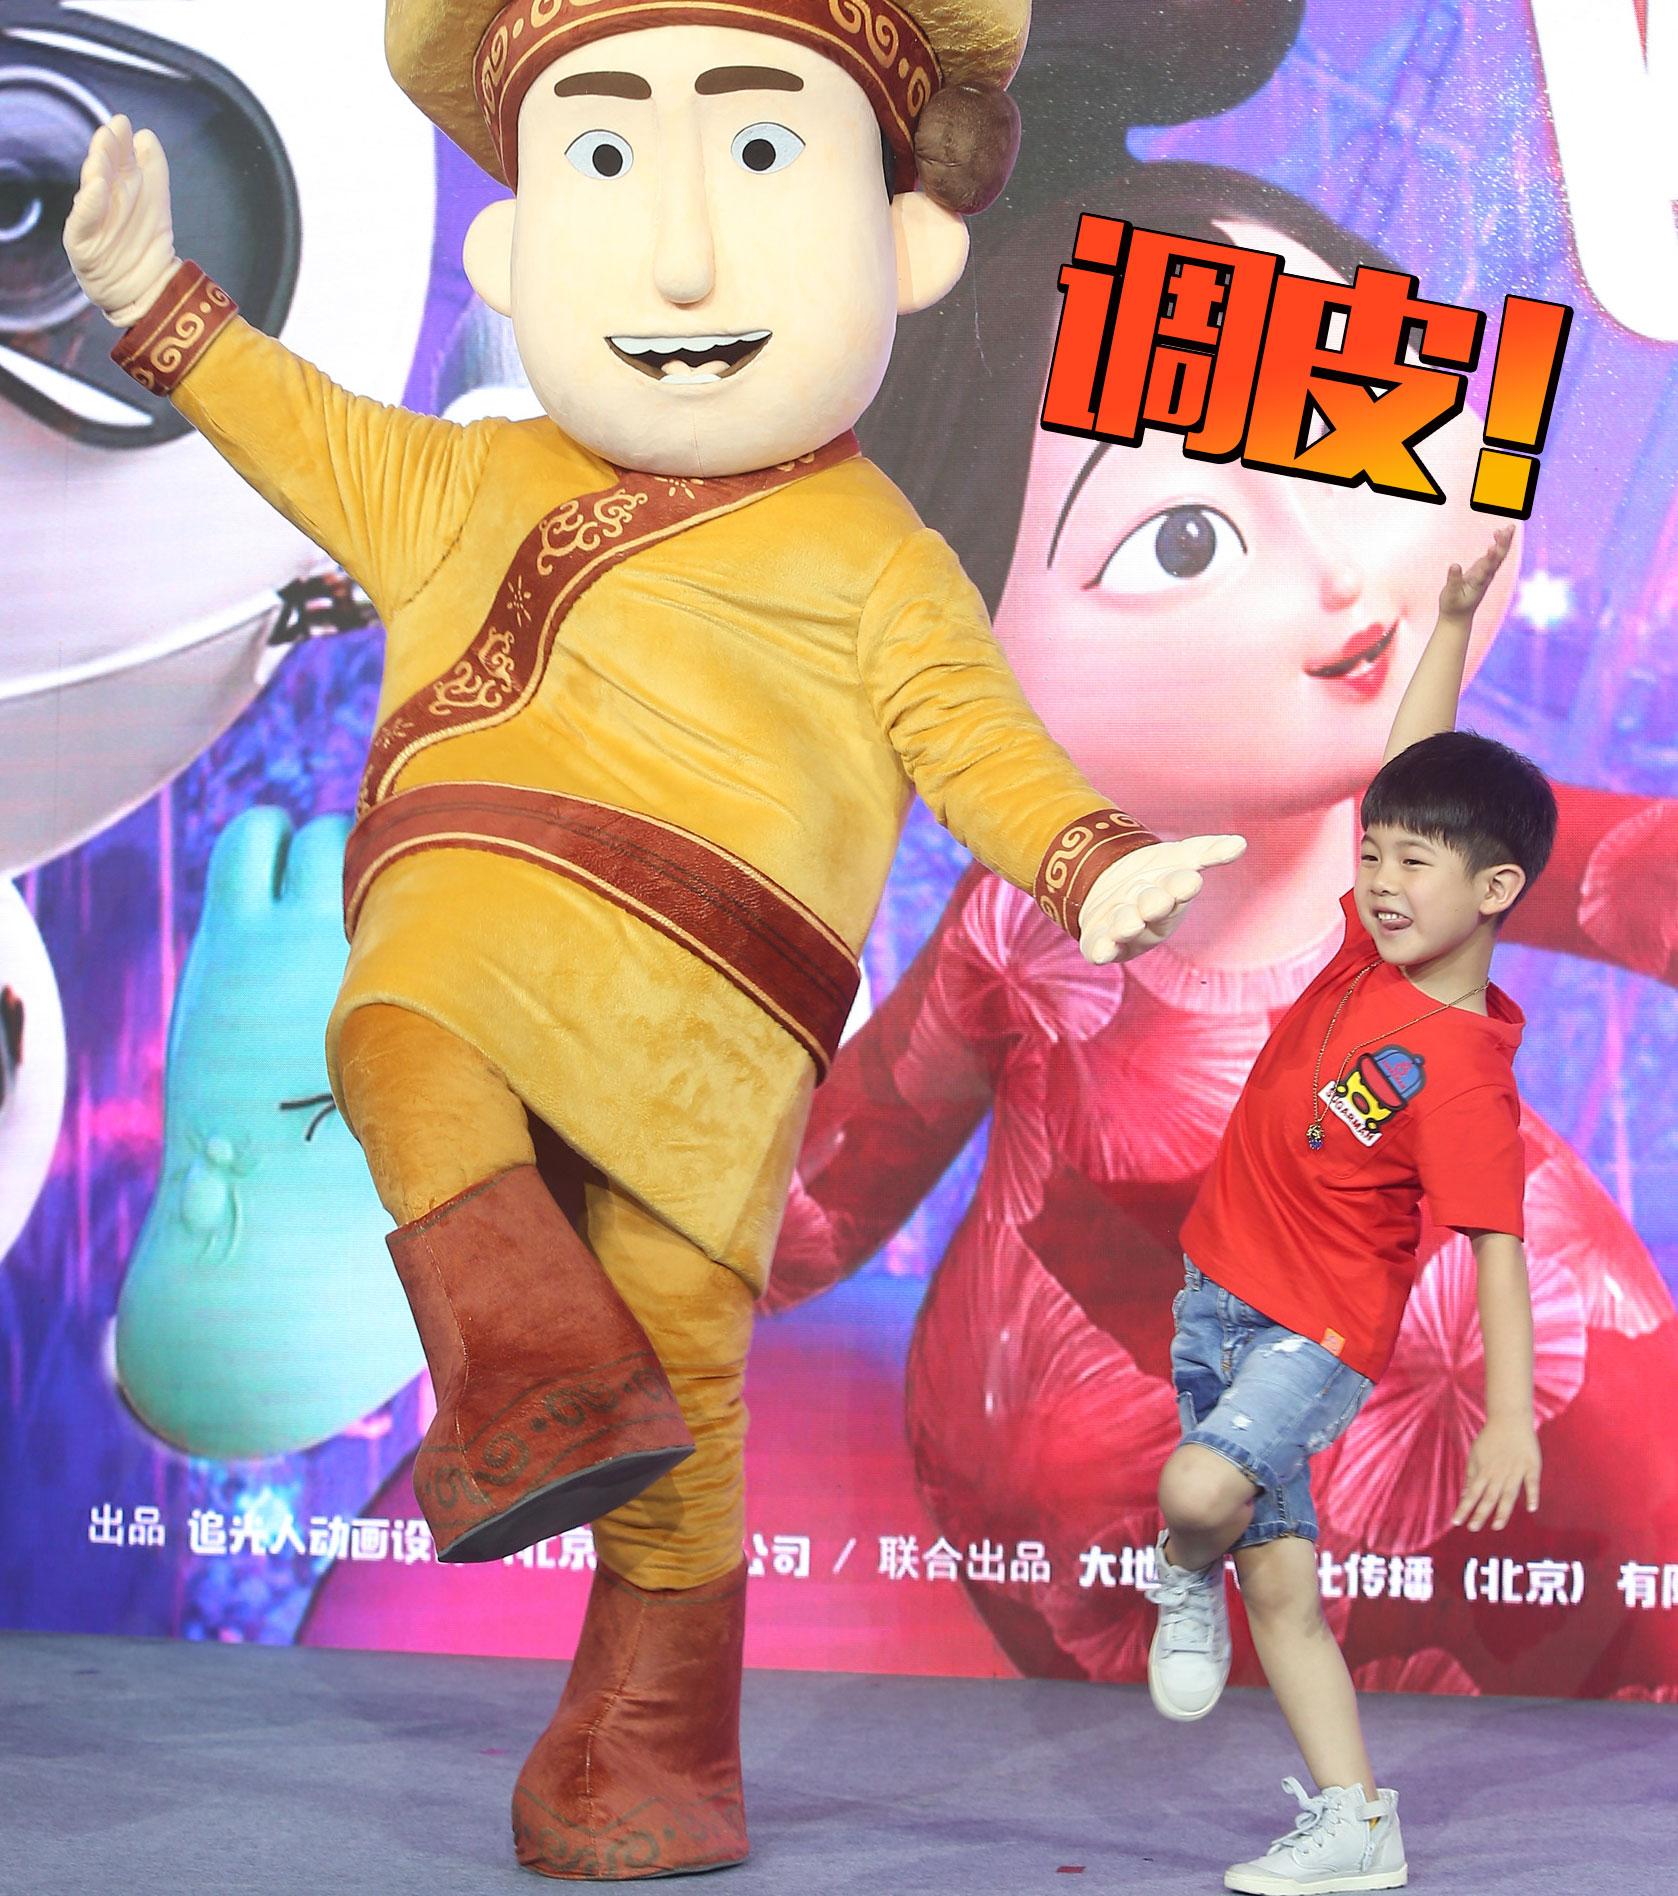 《阿唐奇遇》首映发布会:安吉放飞自我,茶宠阿唐为其庆生